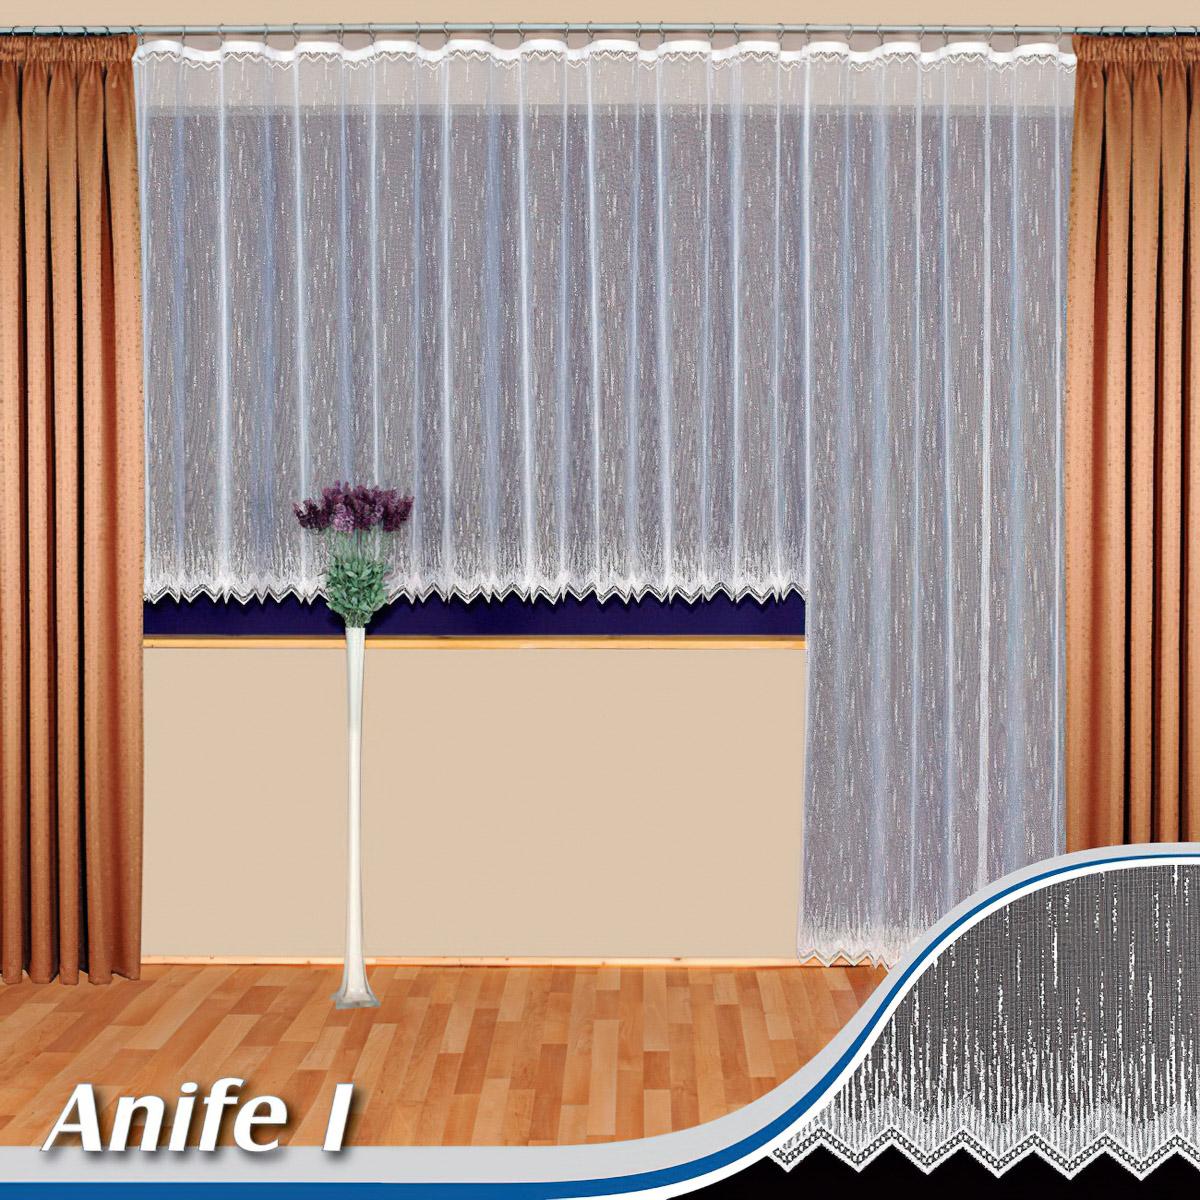 Tylex kusová záclona ANIFE1/2 jednobarevná bílá, výška 250 cm x šířka 200 cm (na dveře)